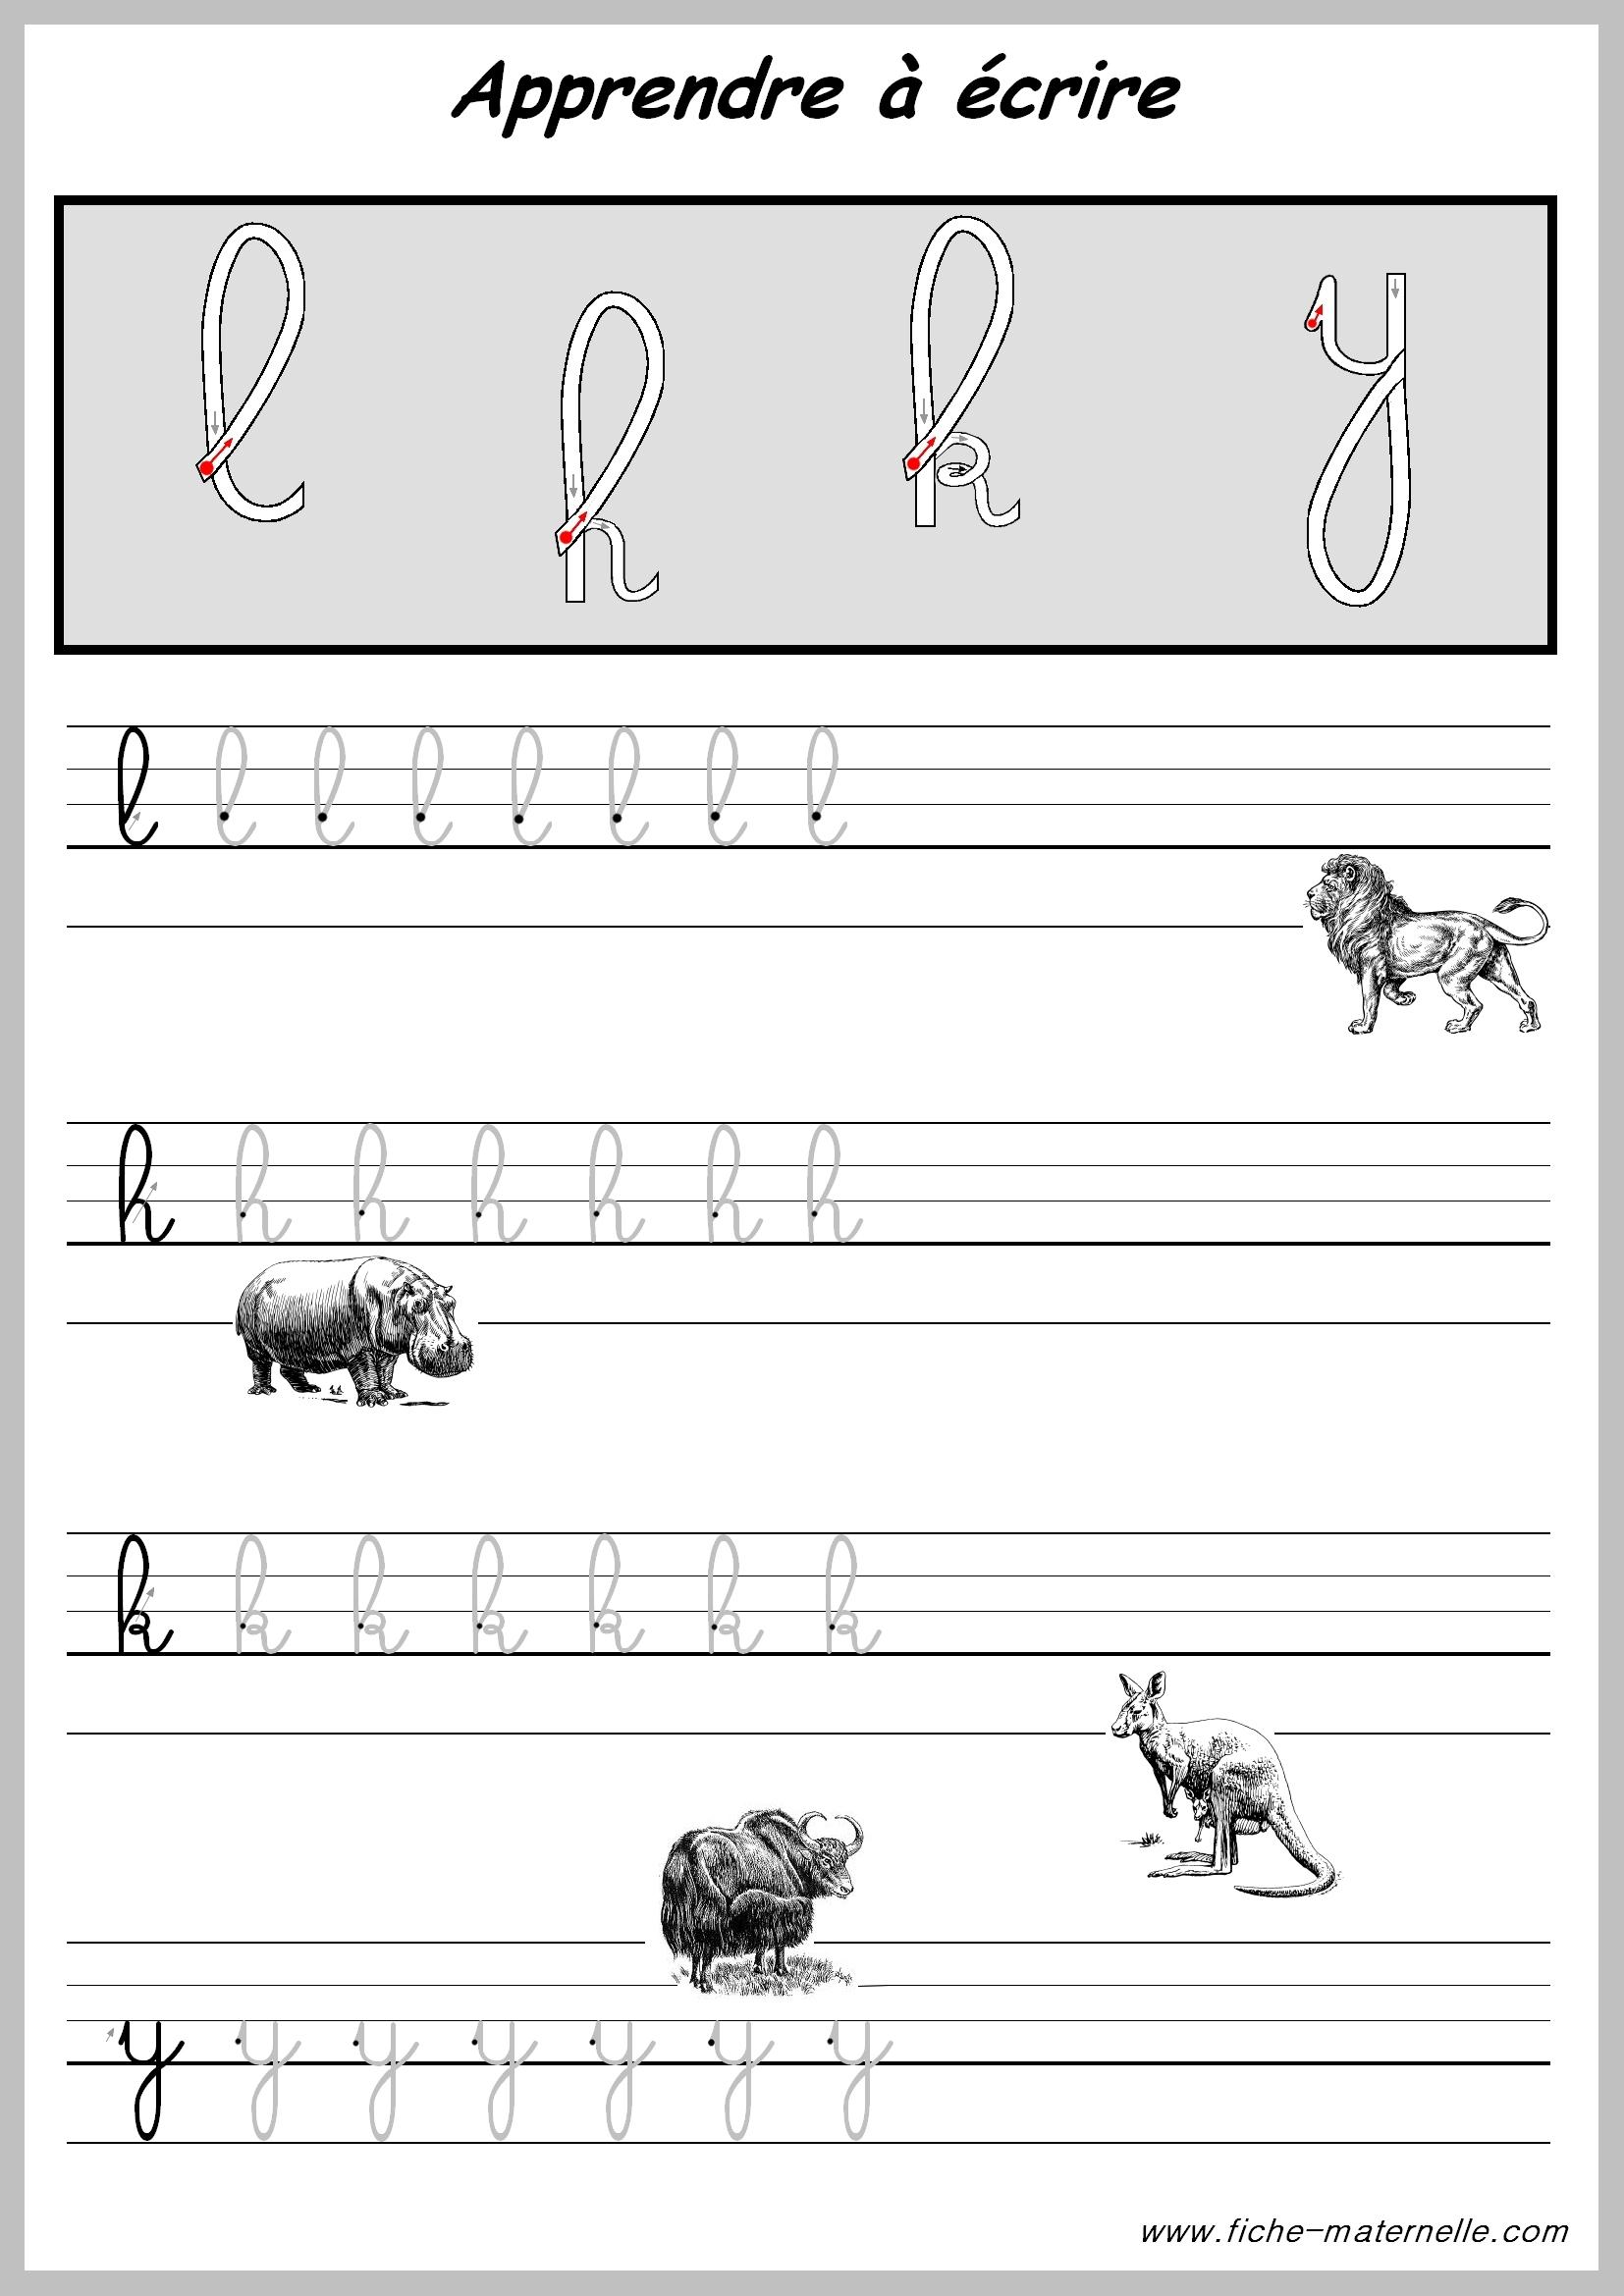 Exercices Pour Apprendre A Ecrire Les Lettres. concernant Apprendre A Ecrire L Alphabet